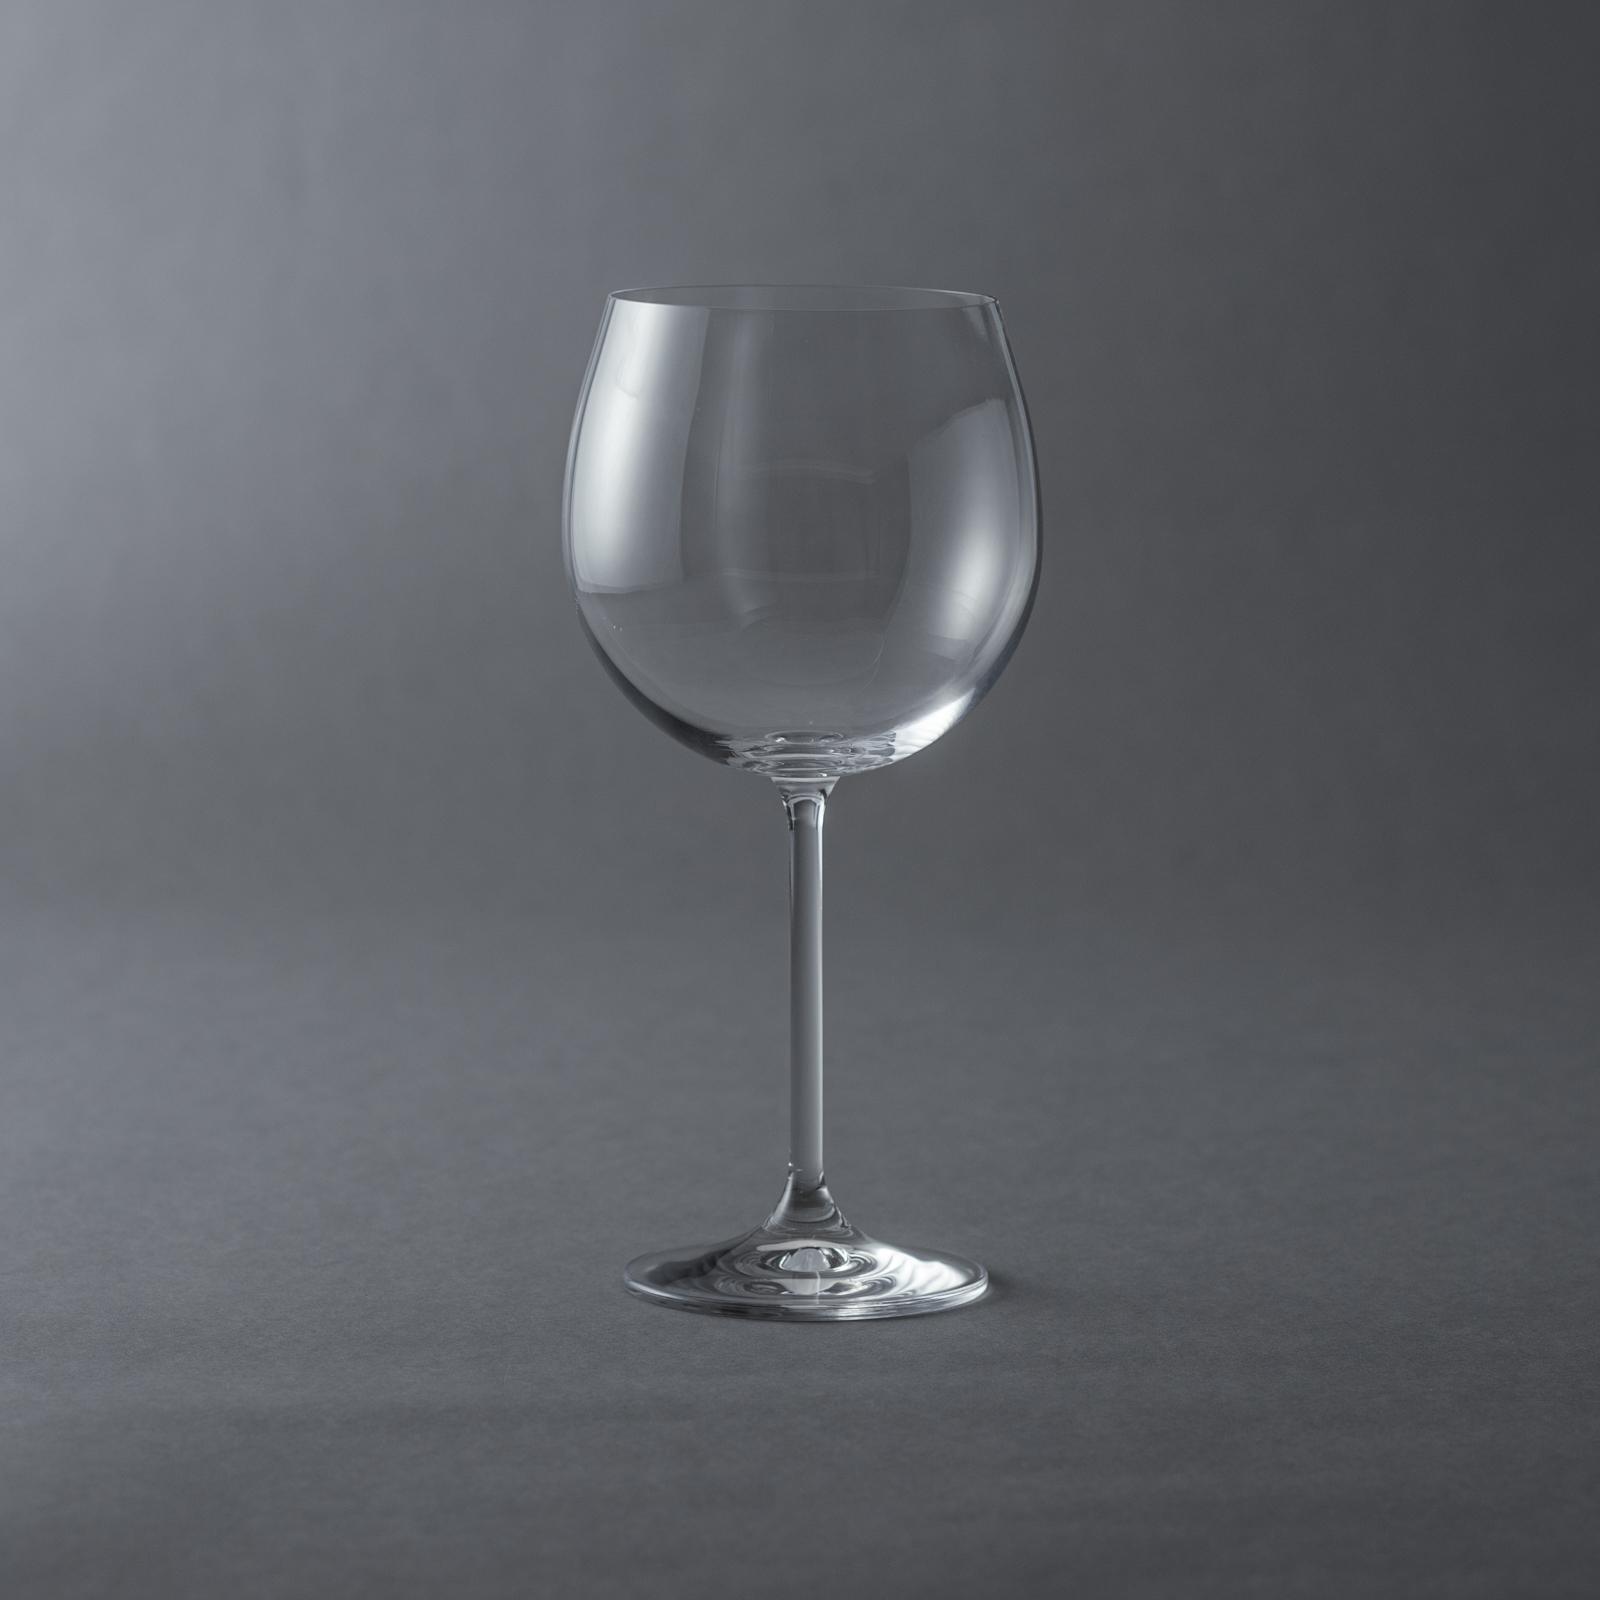 BOHEMIA Cristal _ ナタリー / ワイングラス・ブルゴーニュ(600ml) レッド